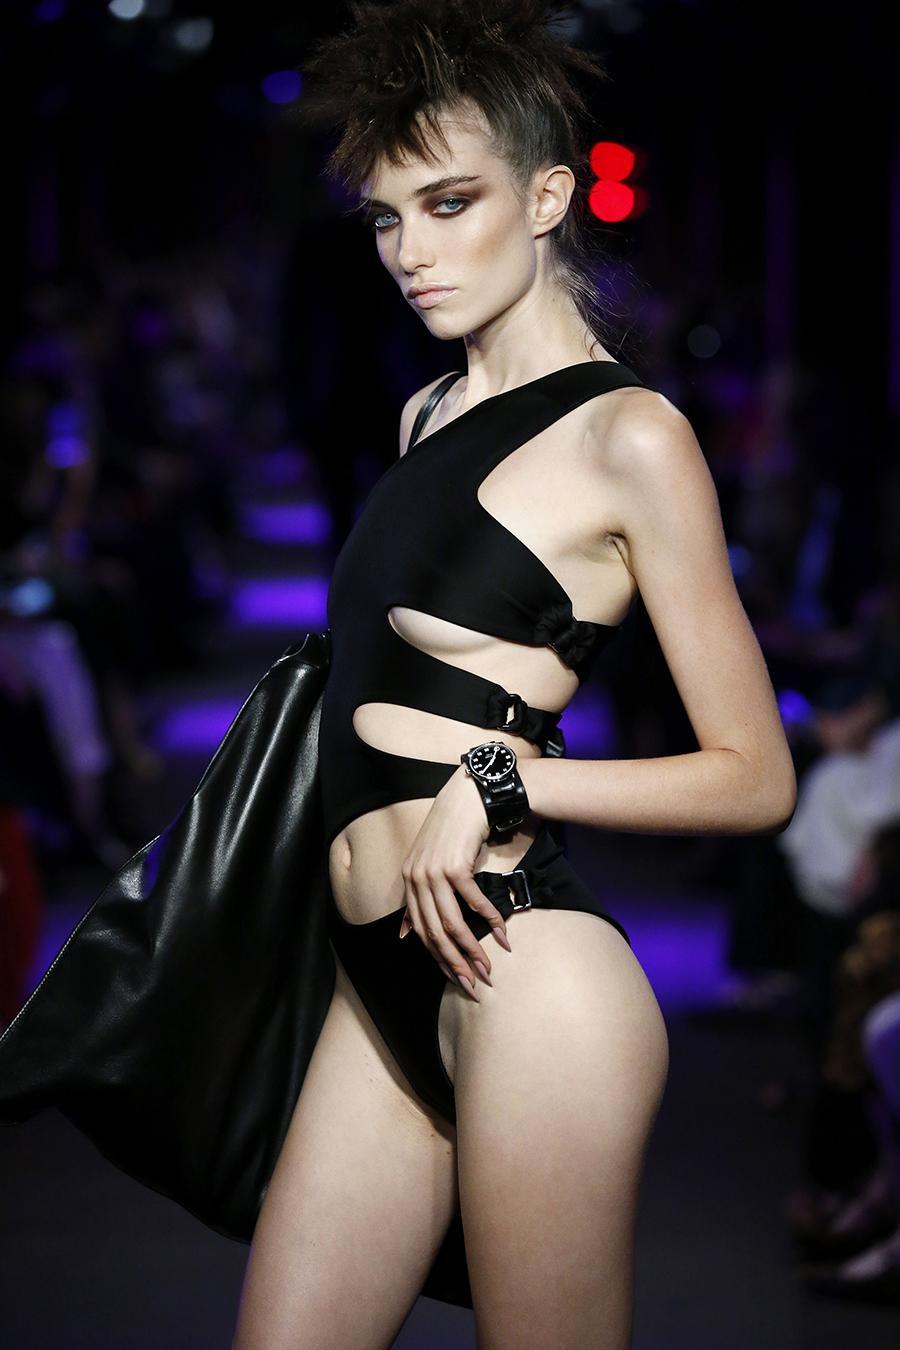 черный купальник с вырезами самые модные купальники лето 2020 монокини слитный